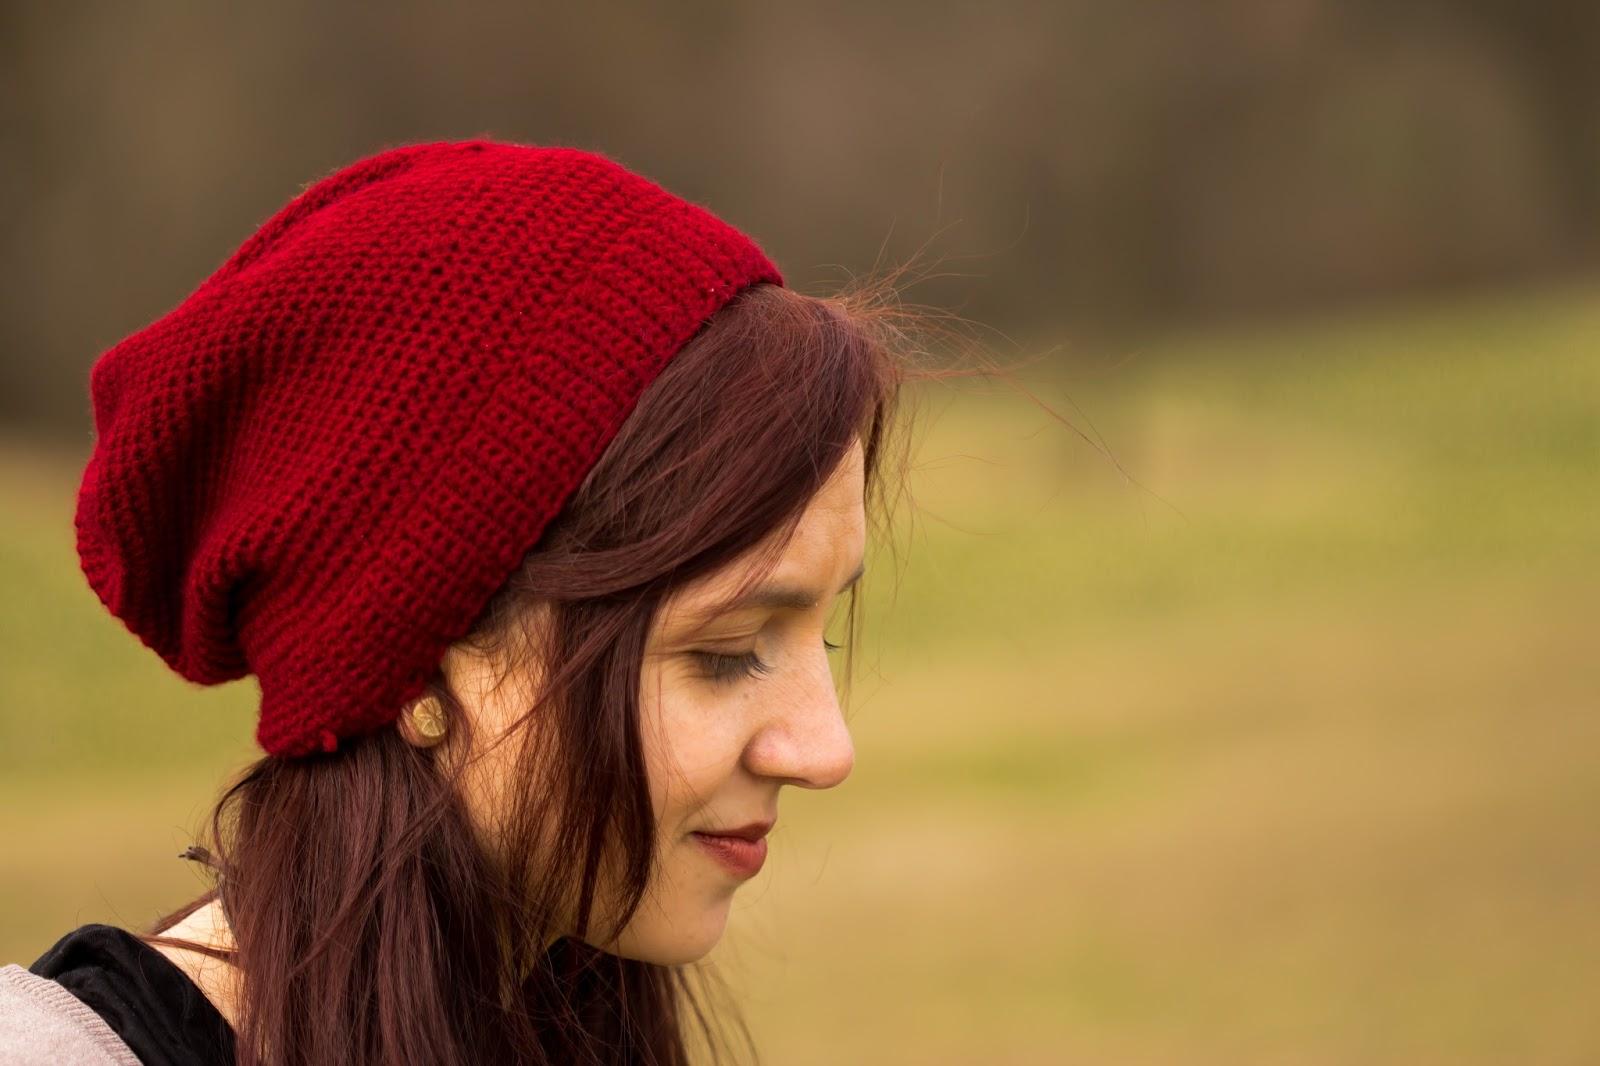 Anleitung für eine einfache, gehäkelte Mütze mit festen Maschen - Crochet Slouchy Beanie